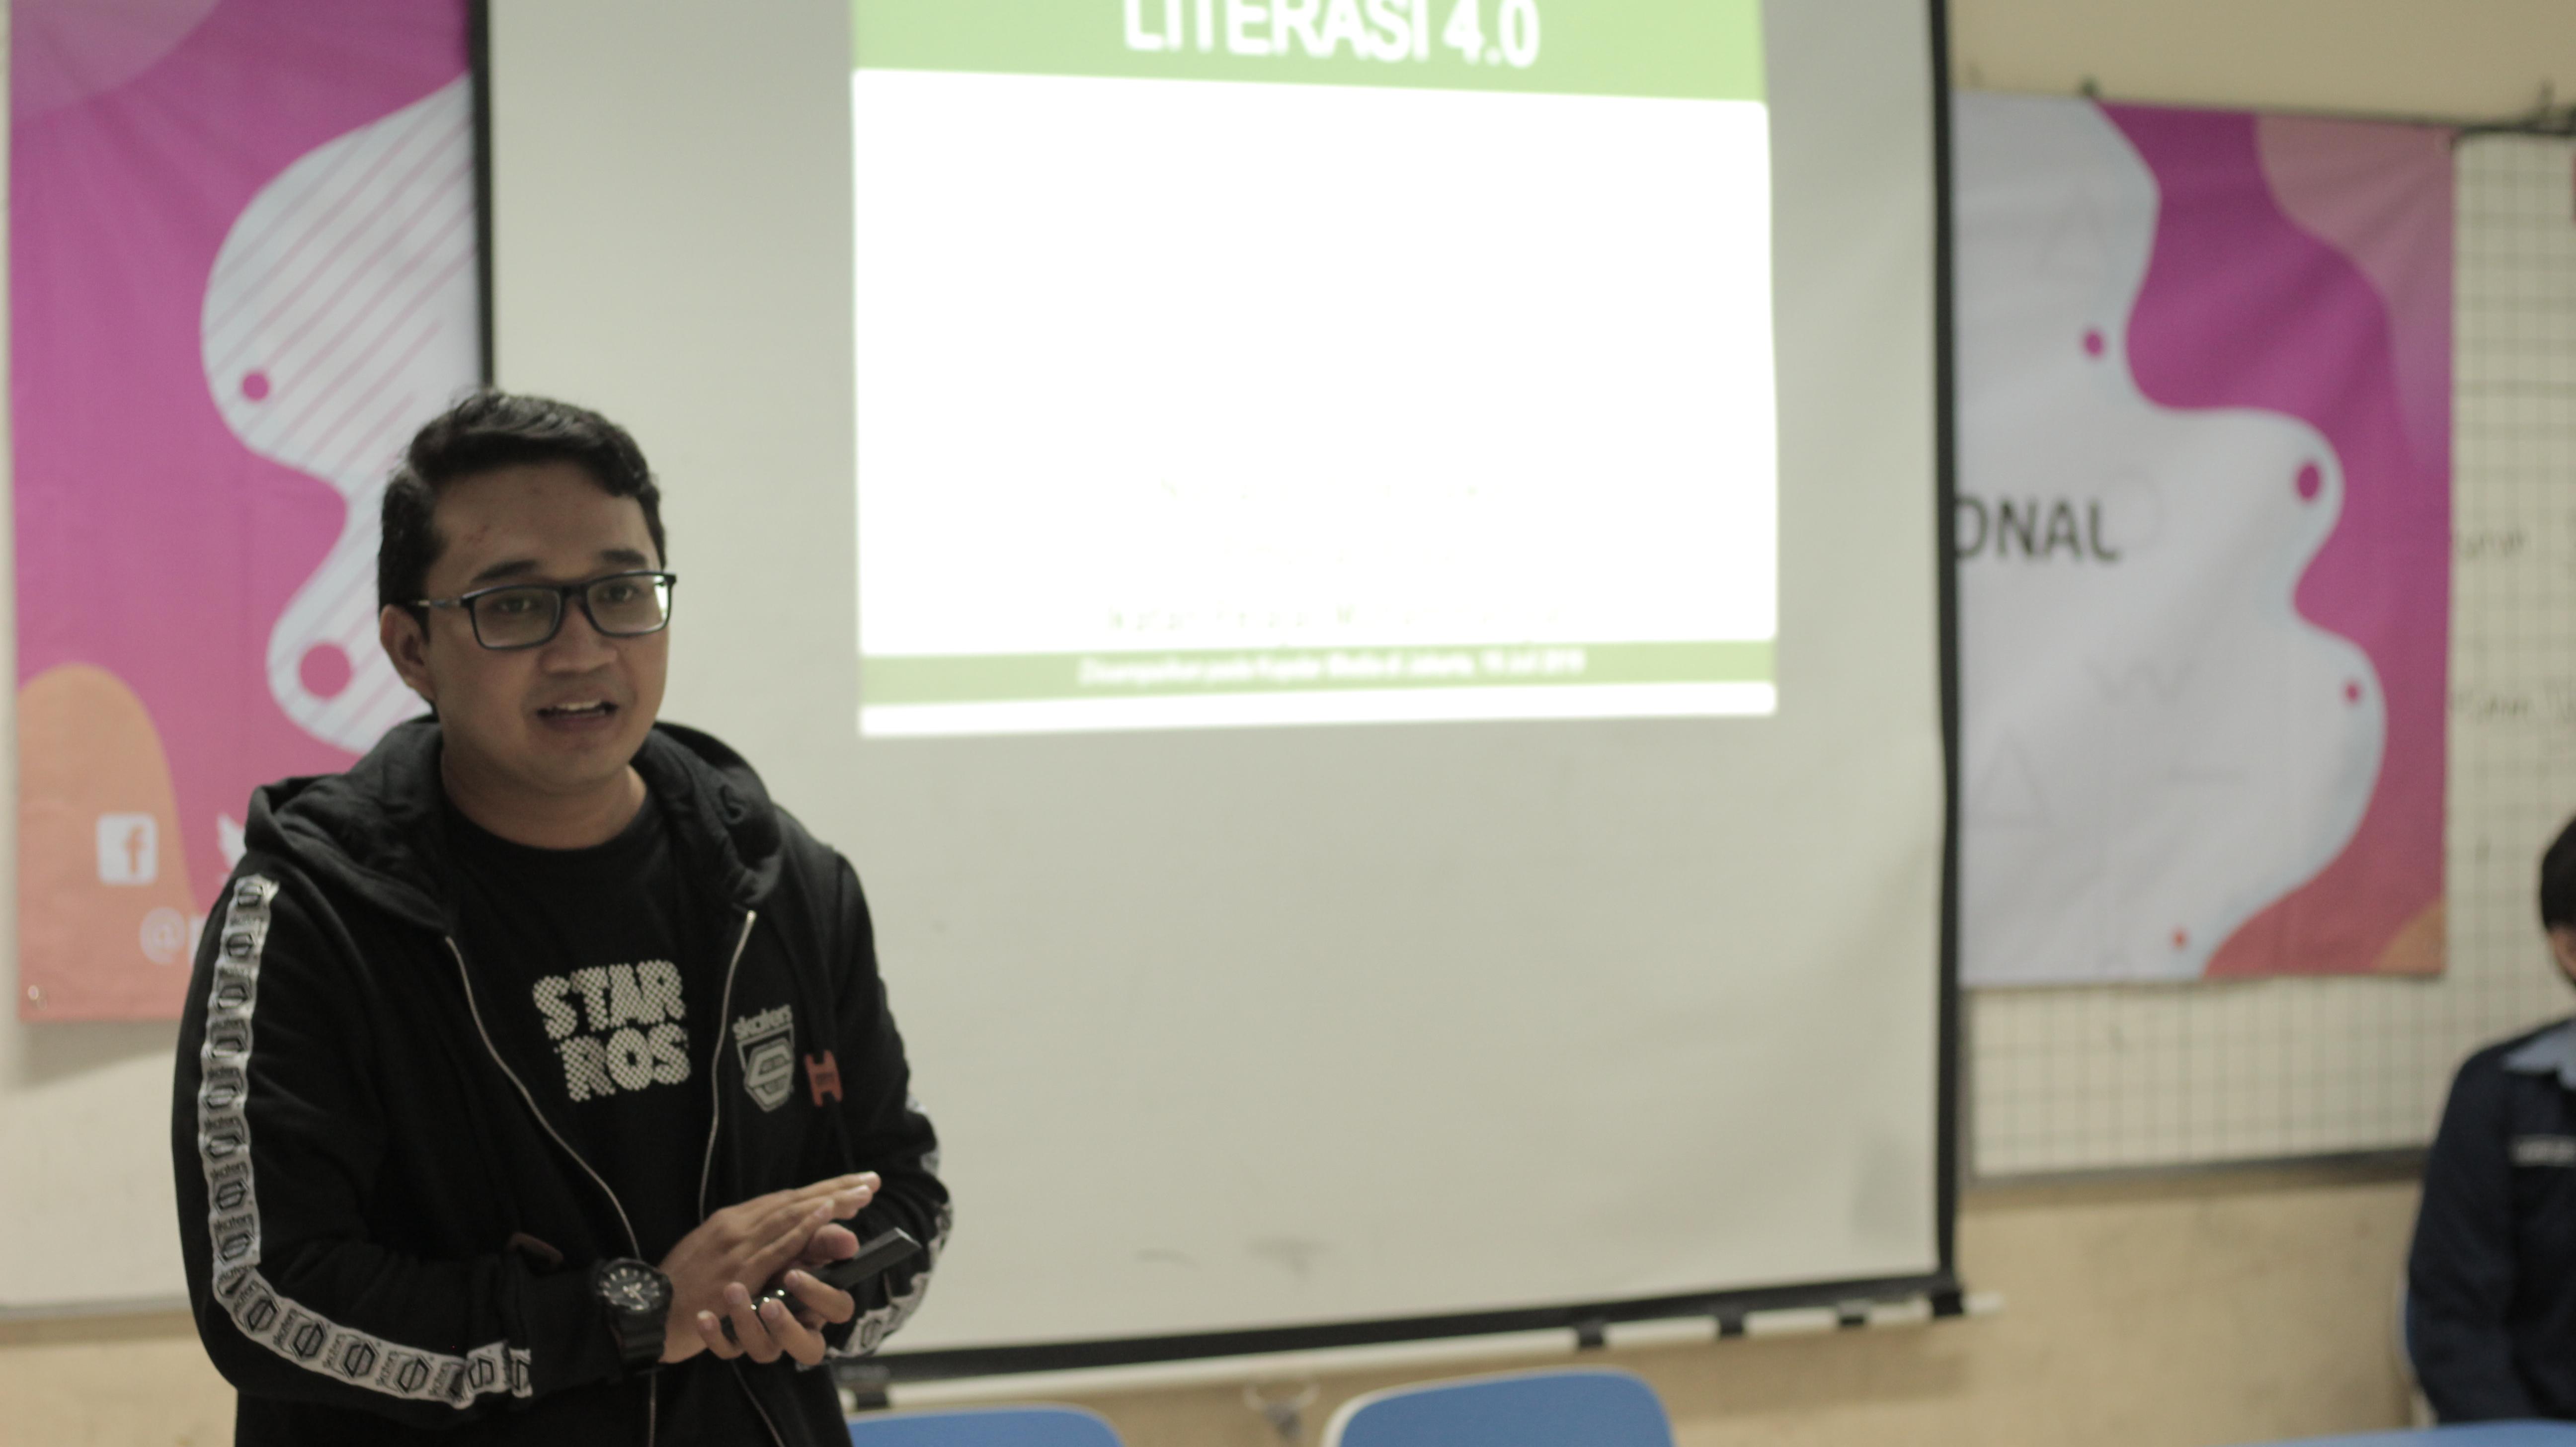 Gugah Peserta, Kopdar Media Angkat Literasi 4.0